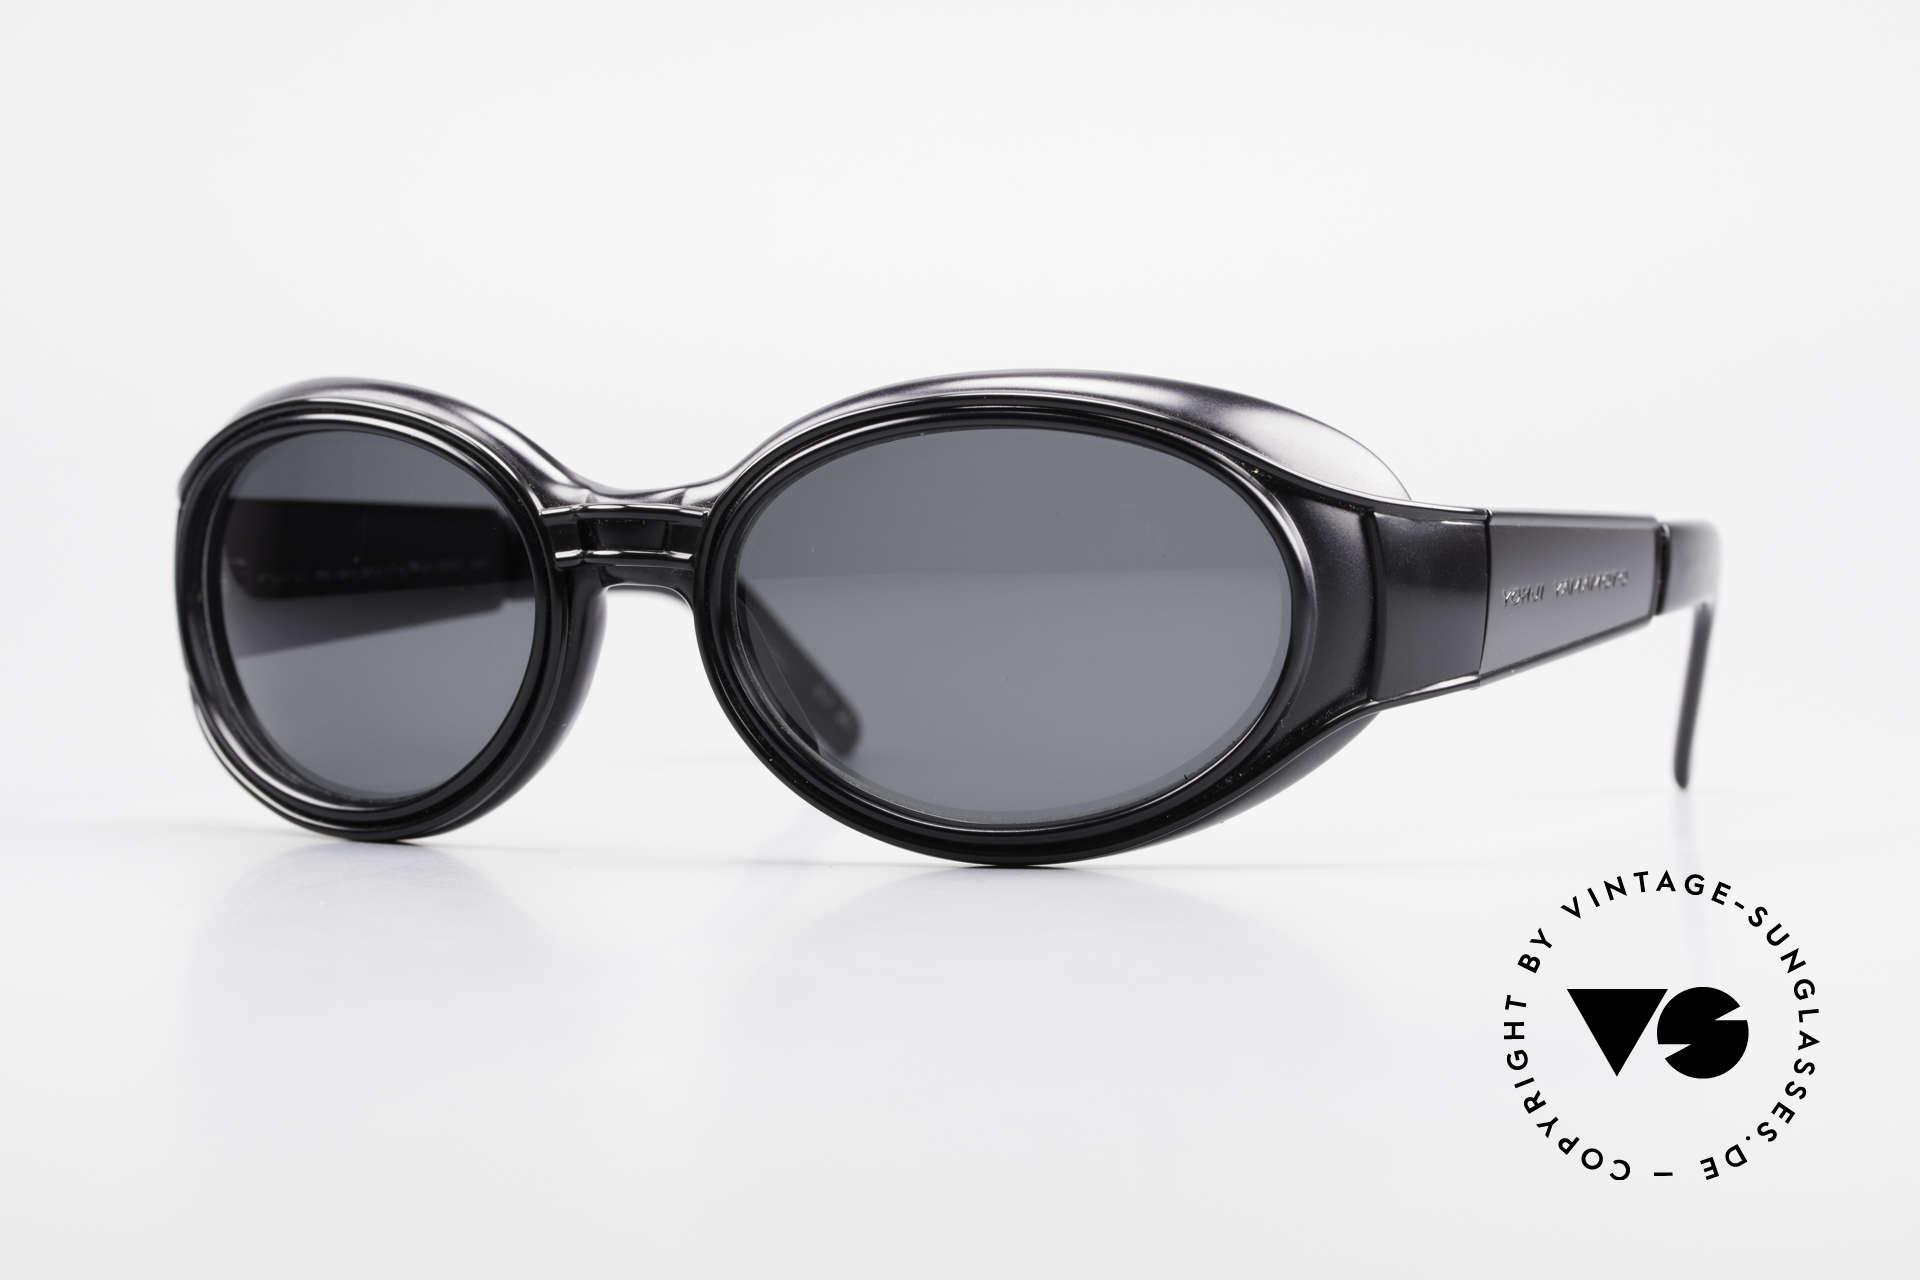 Yohji Yamamoto 52-6202 Sportliche XL Sonnenbrille, extrem RARE vintage Yohji Yamamoto Sonnenbrille!, Passend für Herren und Damen